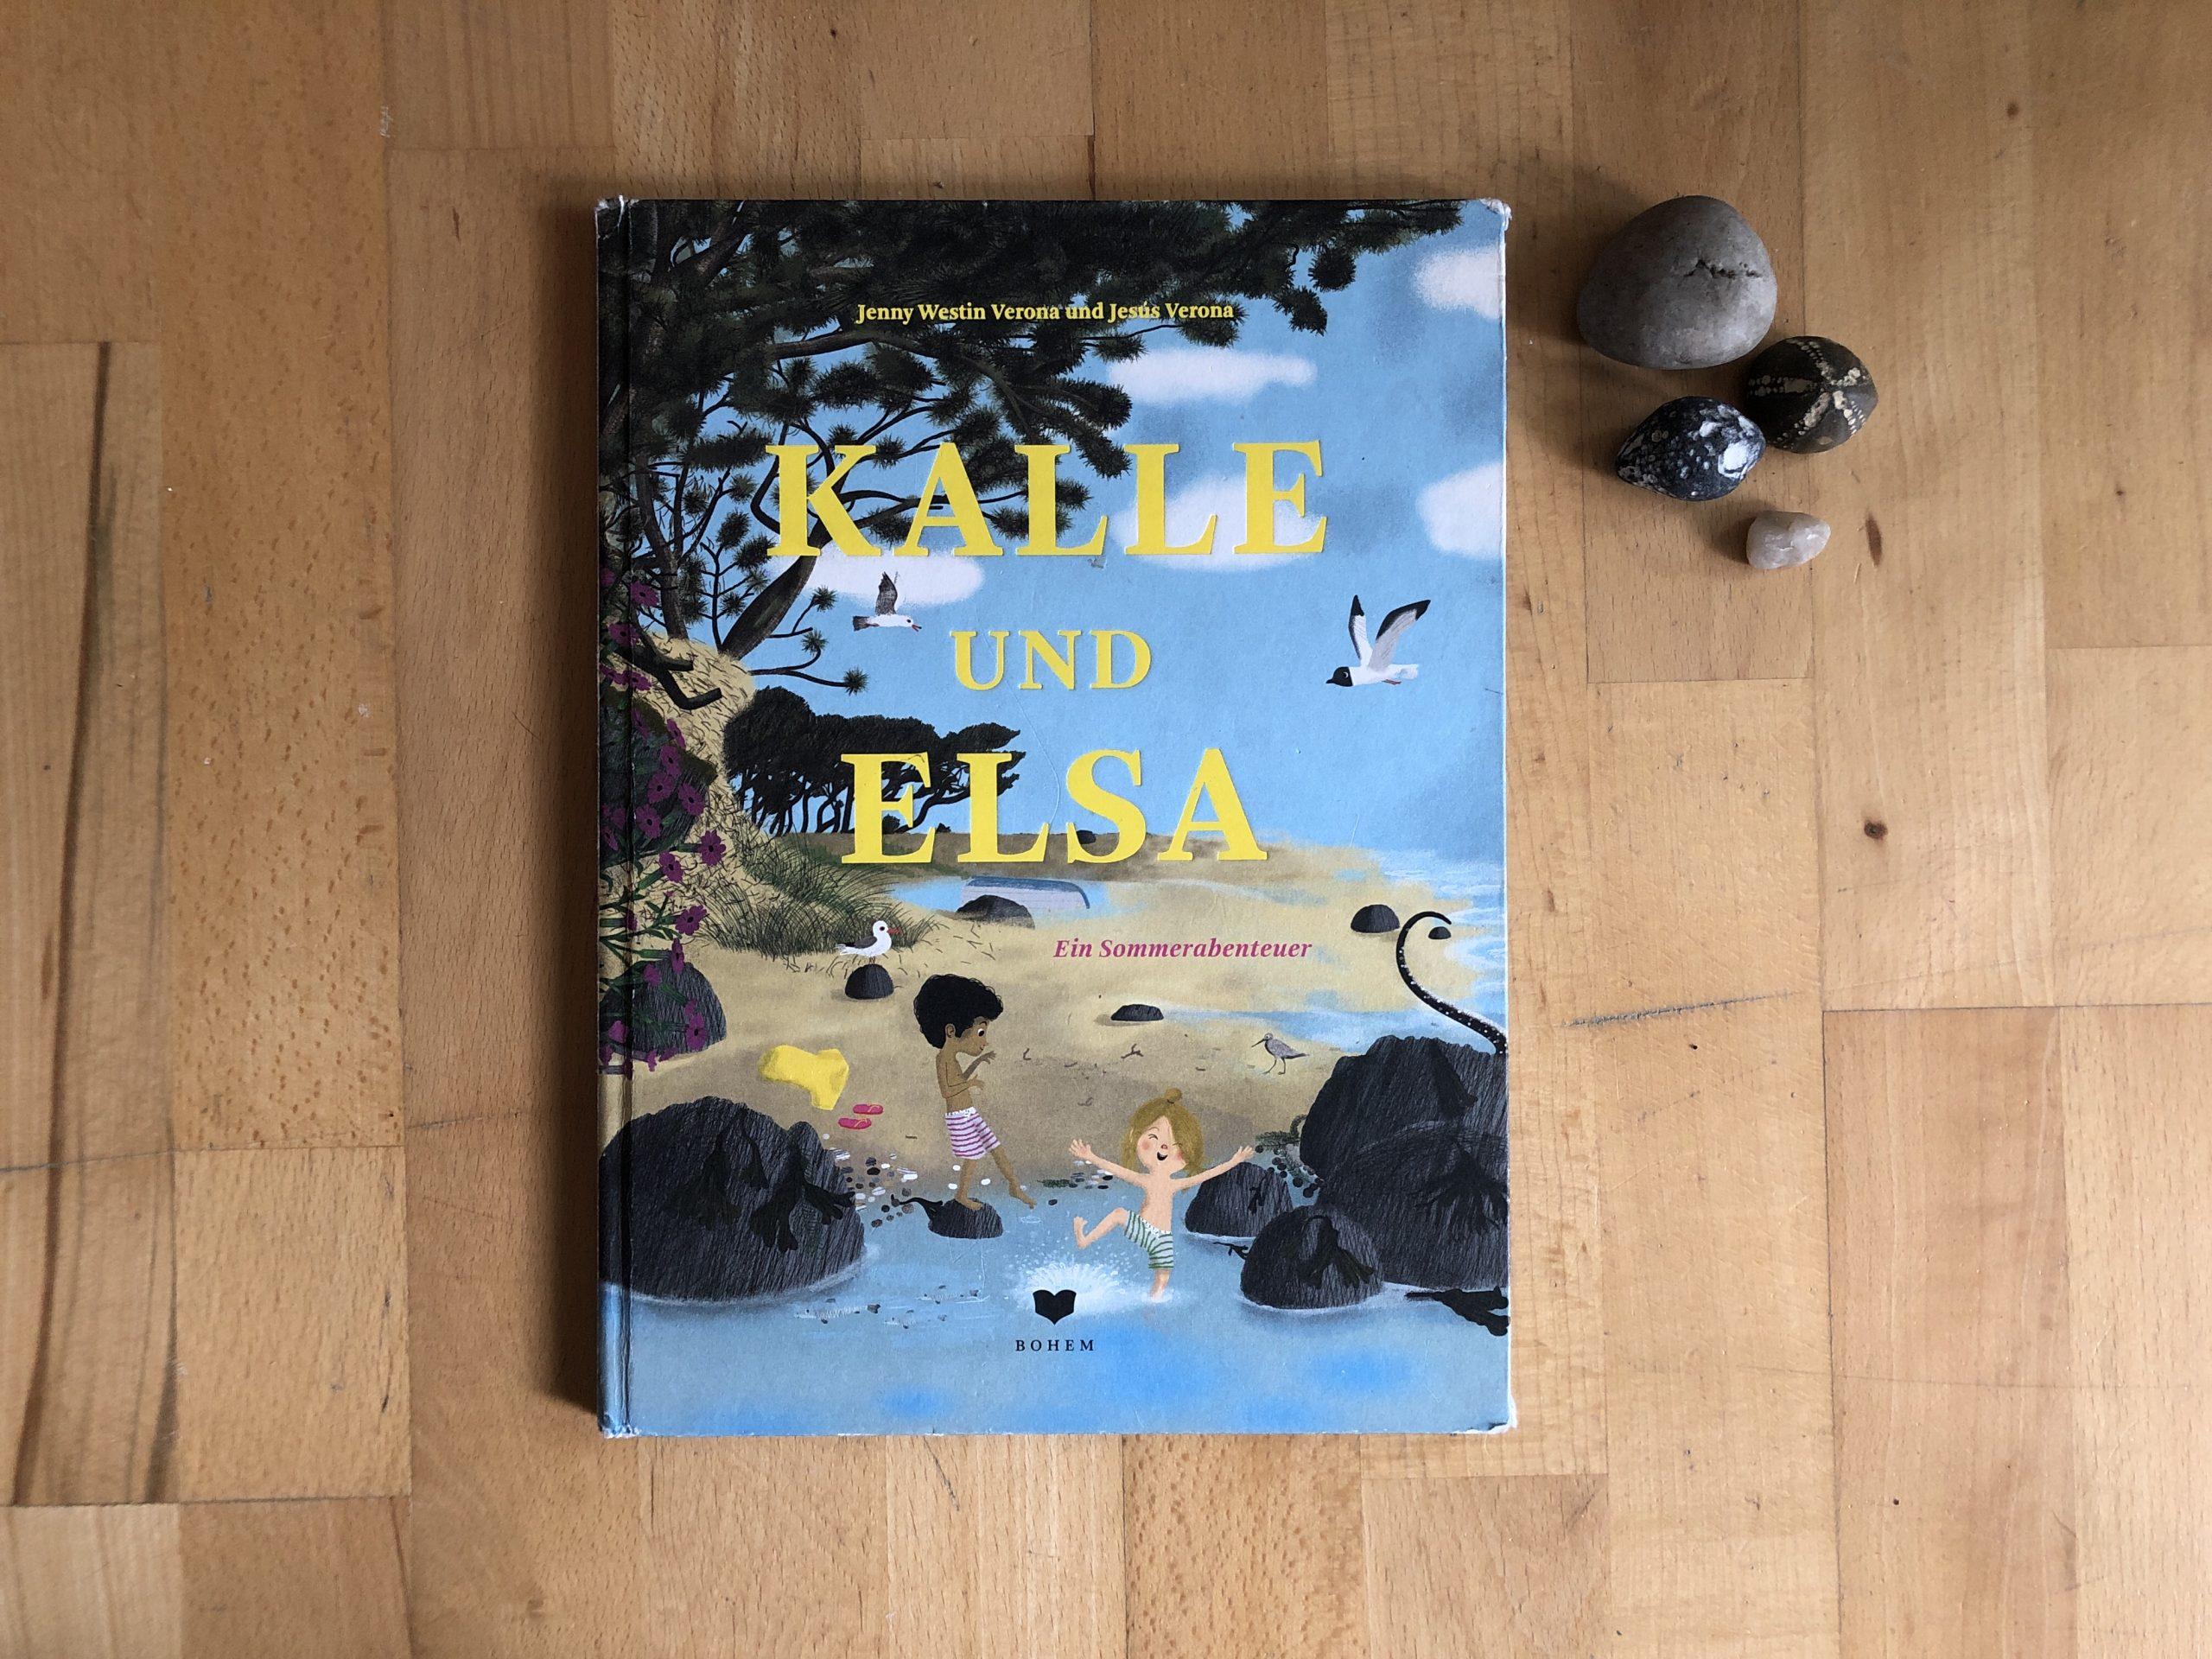 Jenny Westin Verona: Kalle und Elsa — ein Sommerabenteuer